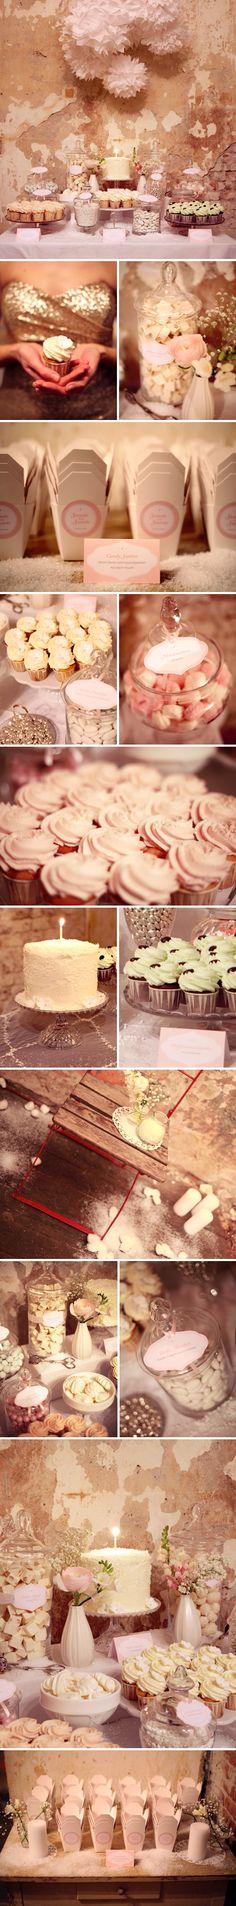 Candy Bars - tolle Idee für Hochzeit, Geburtstag & Co. Noch mehr Ideen gibt's hier: http://www.gofeminin.de/event/hochzeitsspecial-ssc154.html